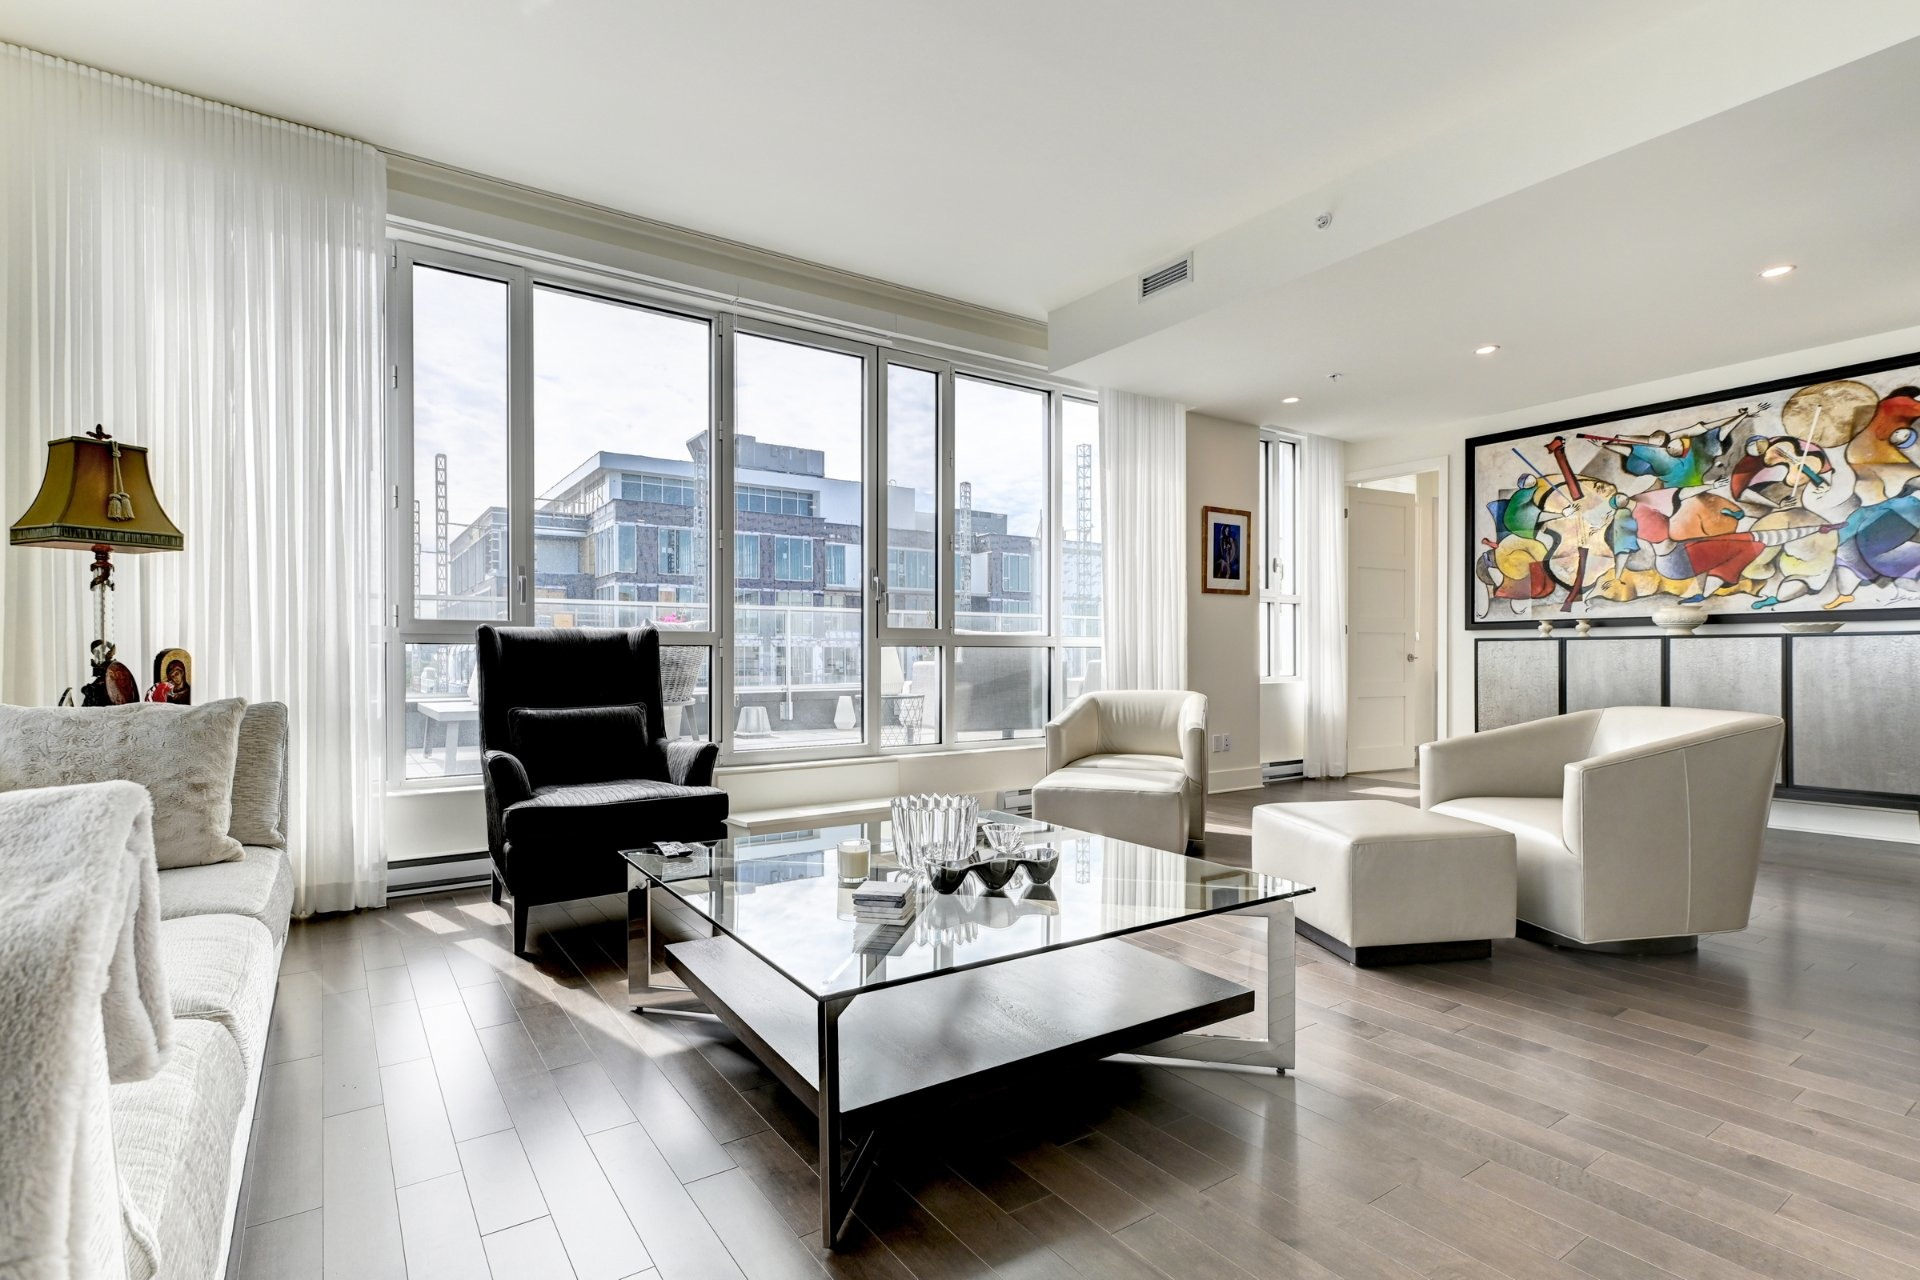 image 5 - Appartement À vendre Côte-des-Neiges/Notre-Dame-de-Grâce Montréal  - 16 pièces